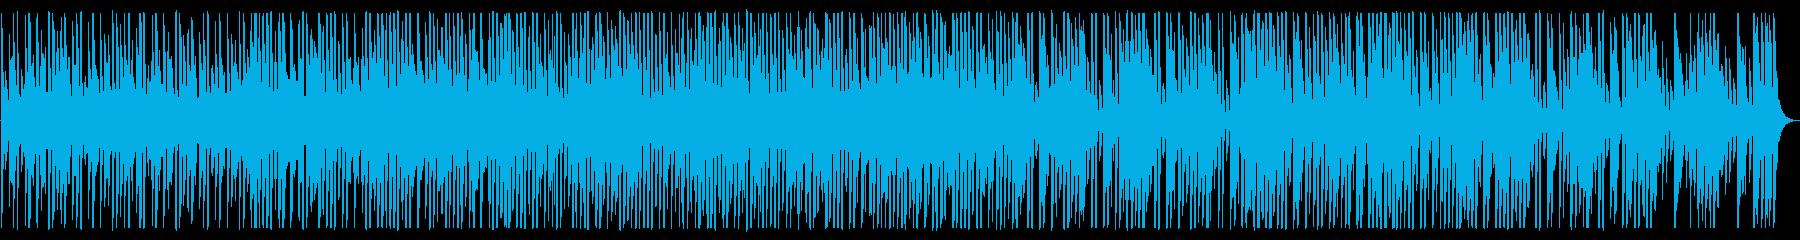 レトロ/アーバン/R&B_No463_3の再生済みの波形